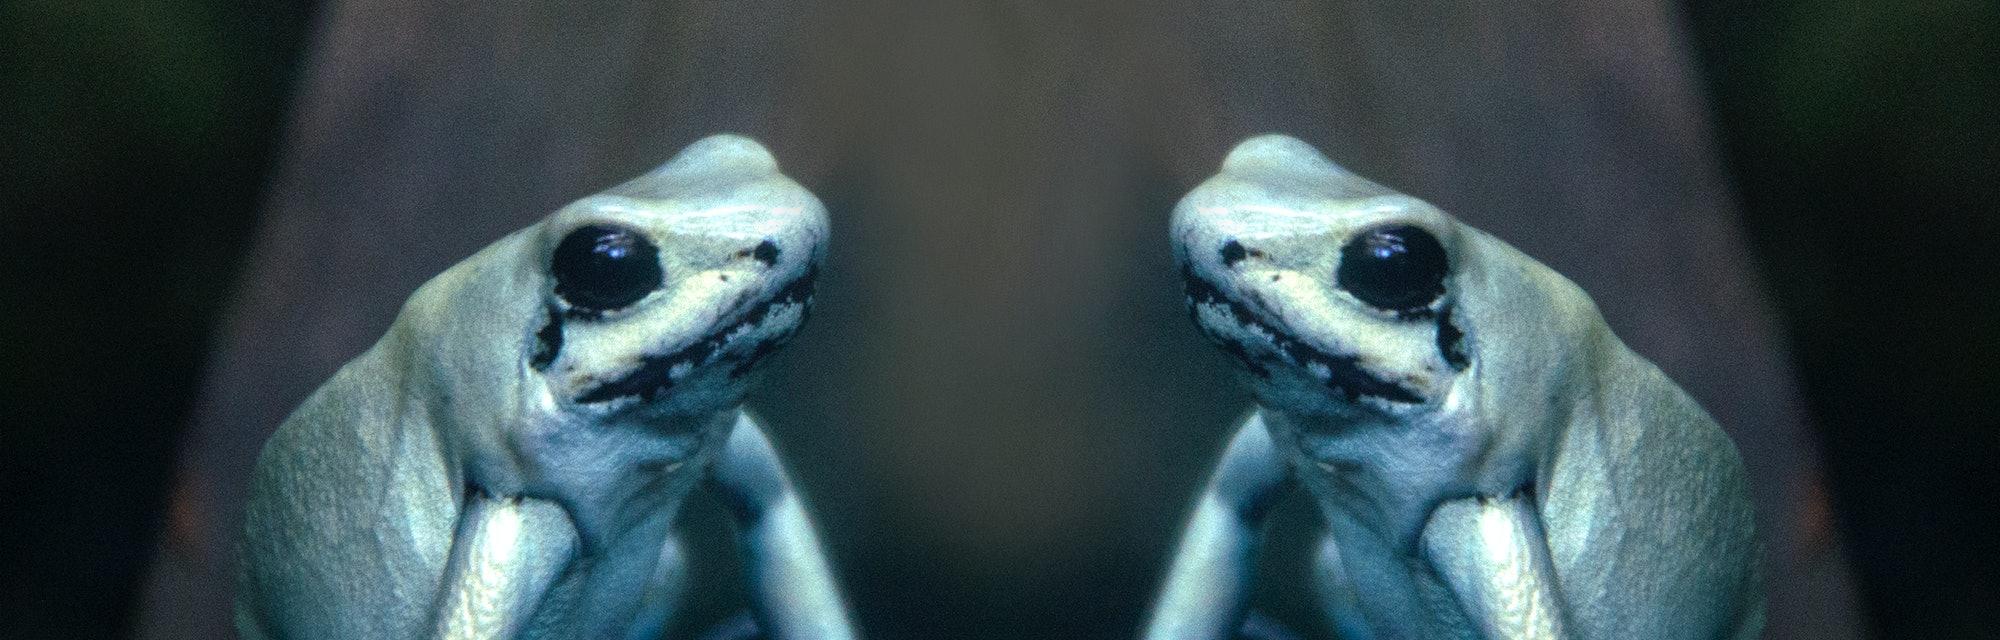 Golden poison dart frogs